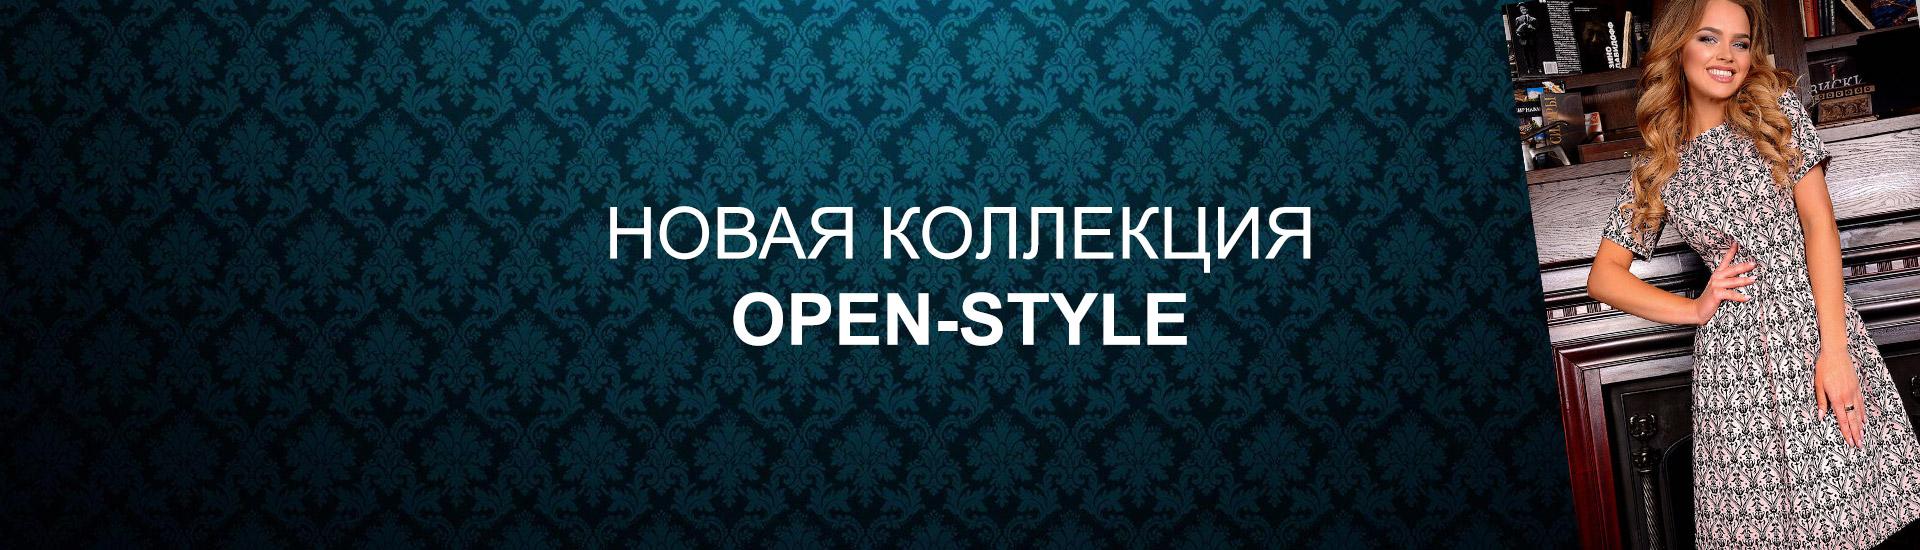 Купить Одежду С Бесплатной Доставкой По России